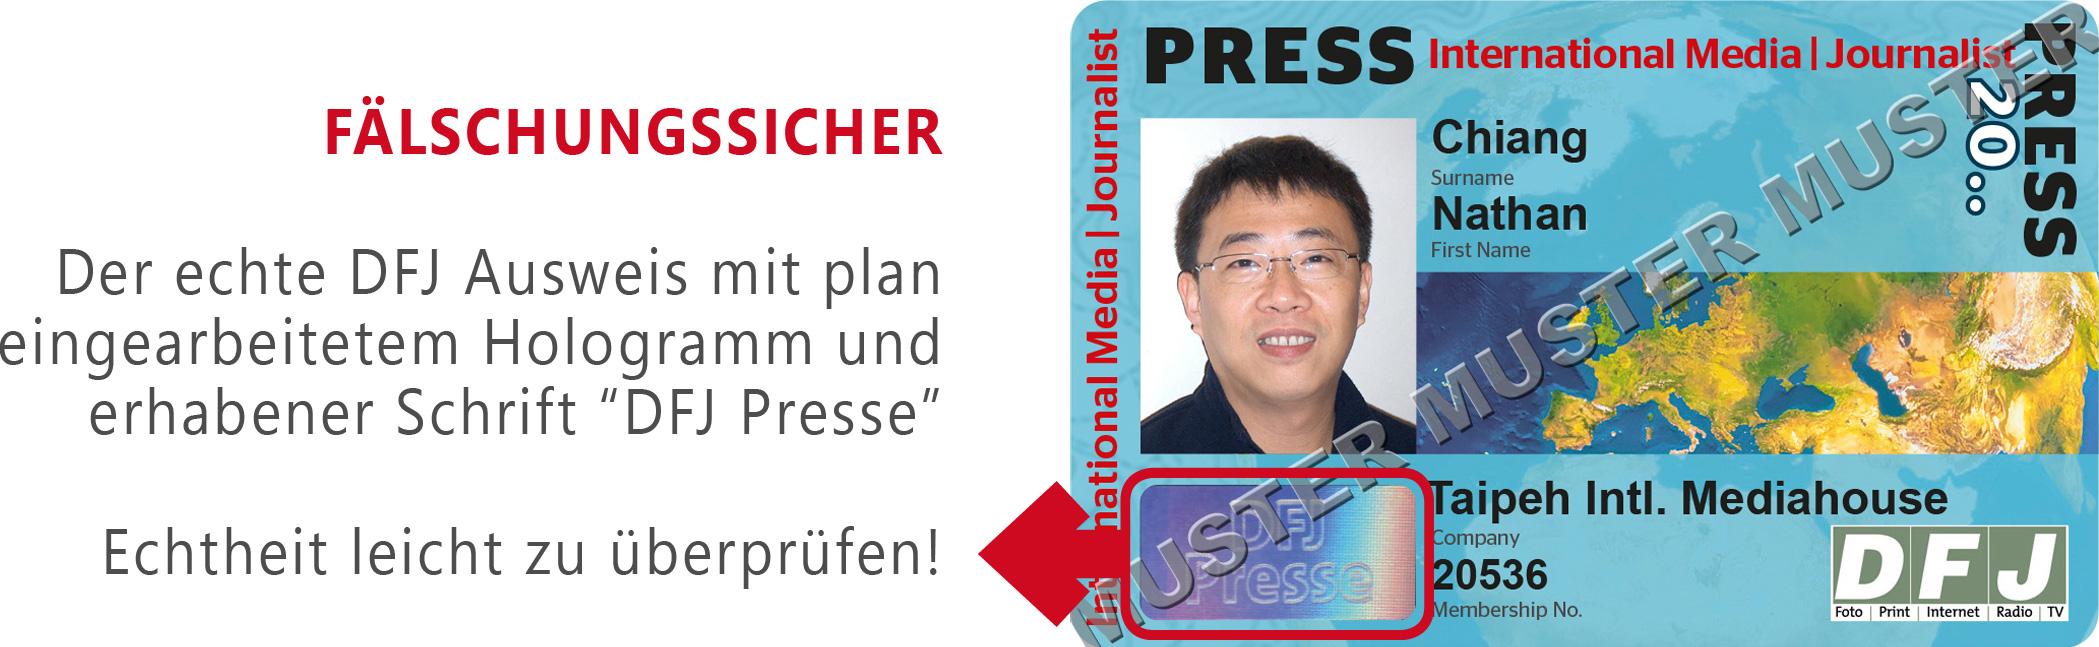 Internationaler Presseausweis erwünscht Dem DFJ beitreten